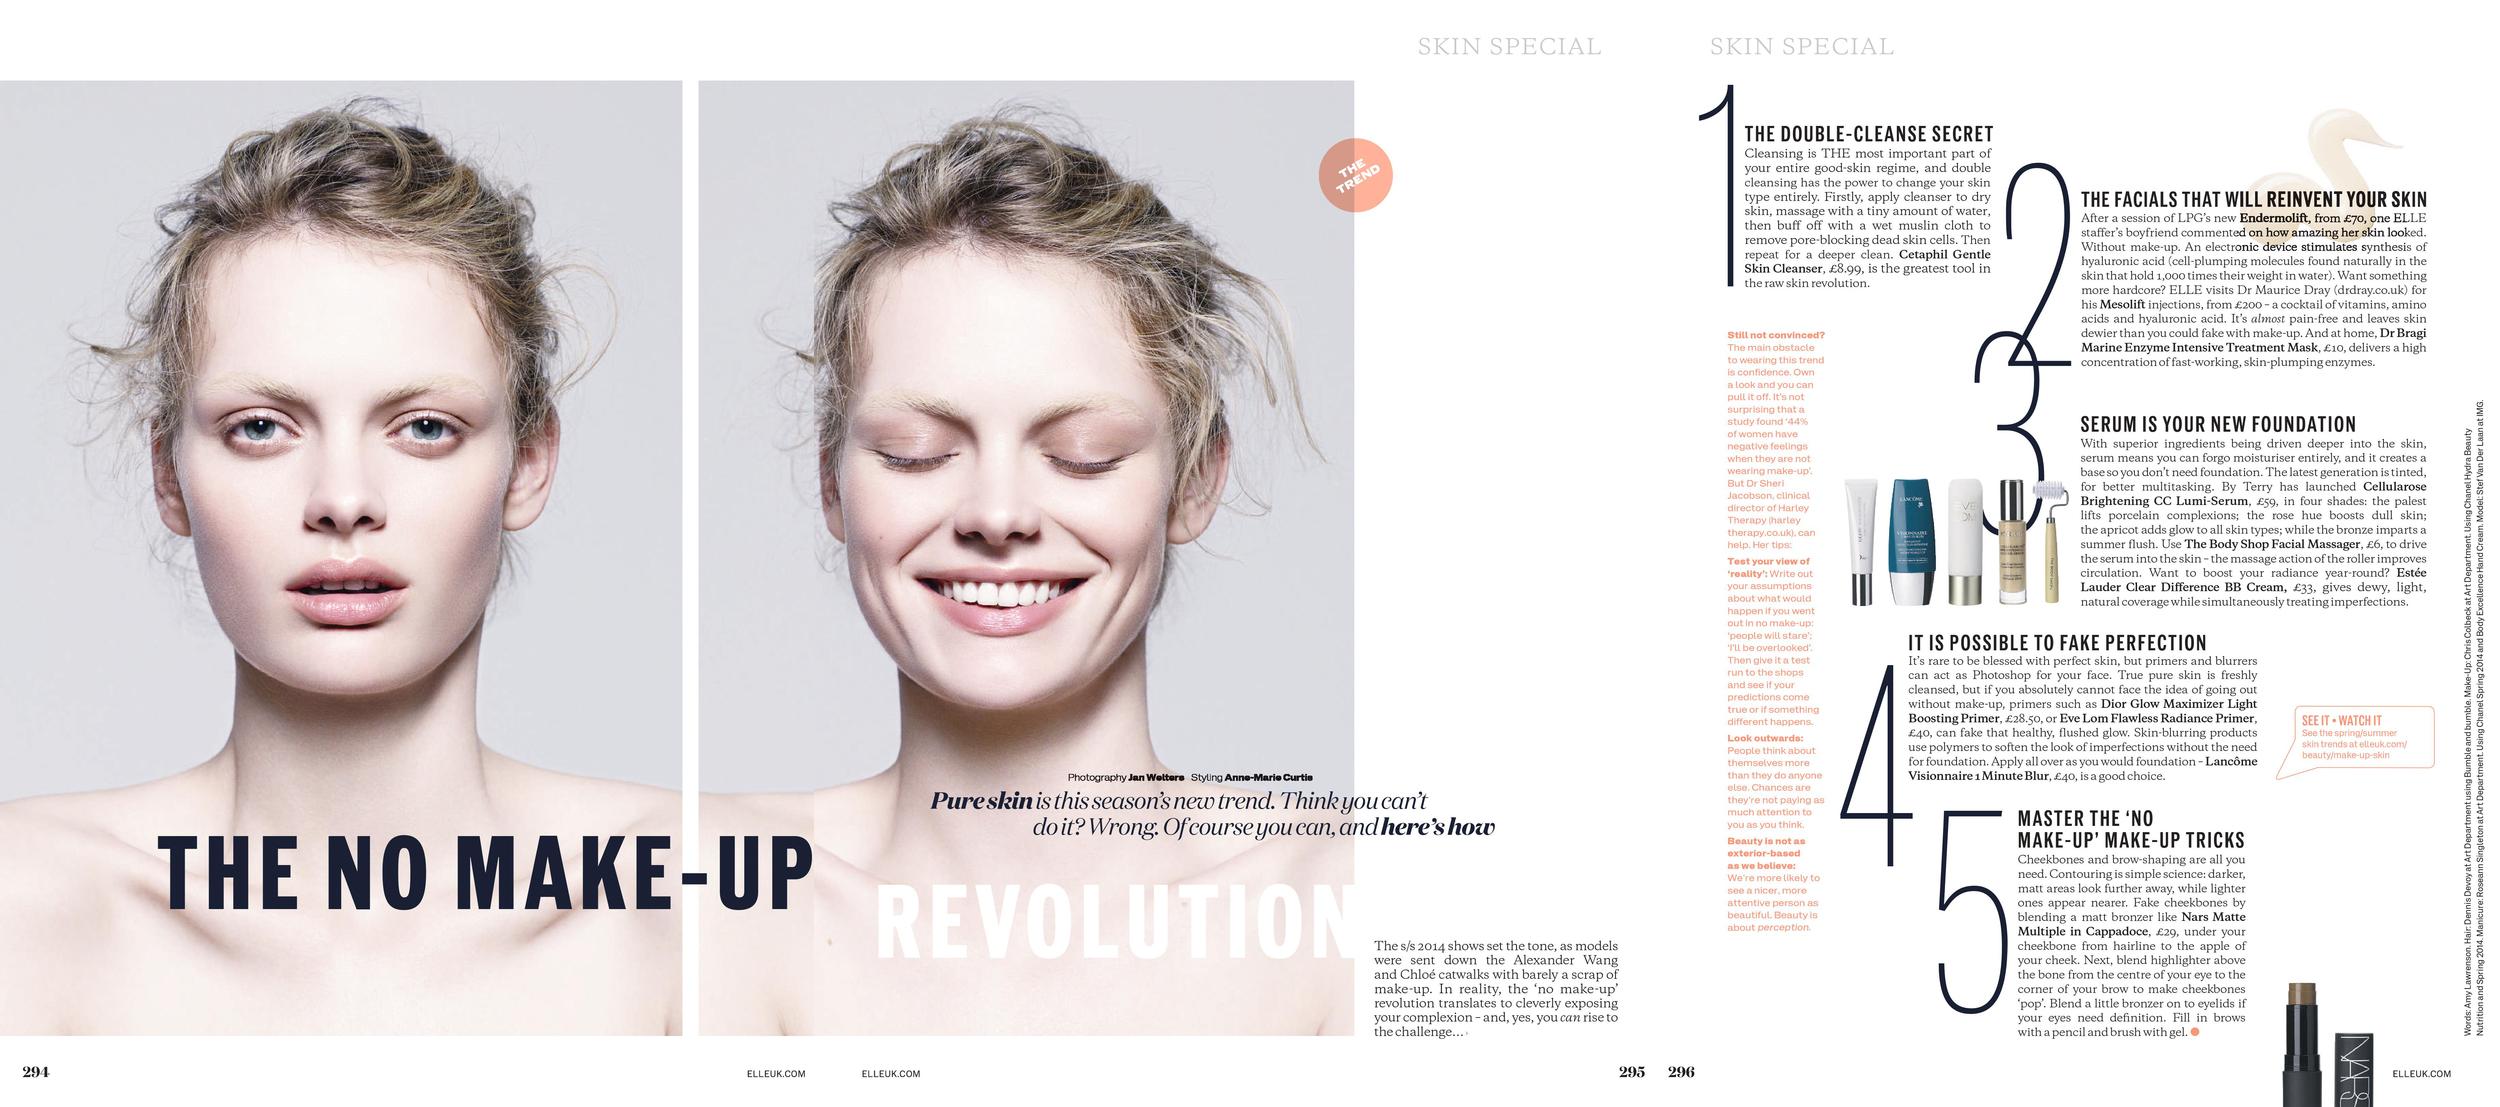 The No Make-Up Revolution